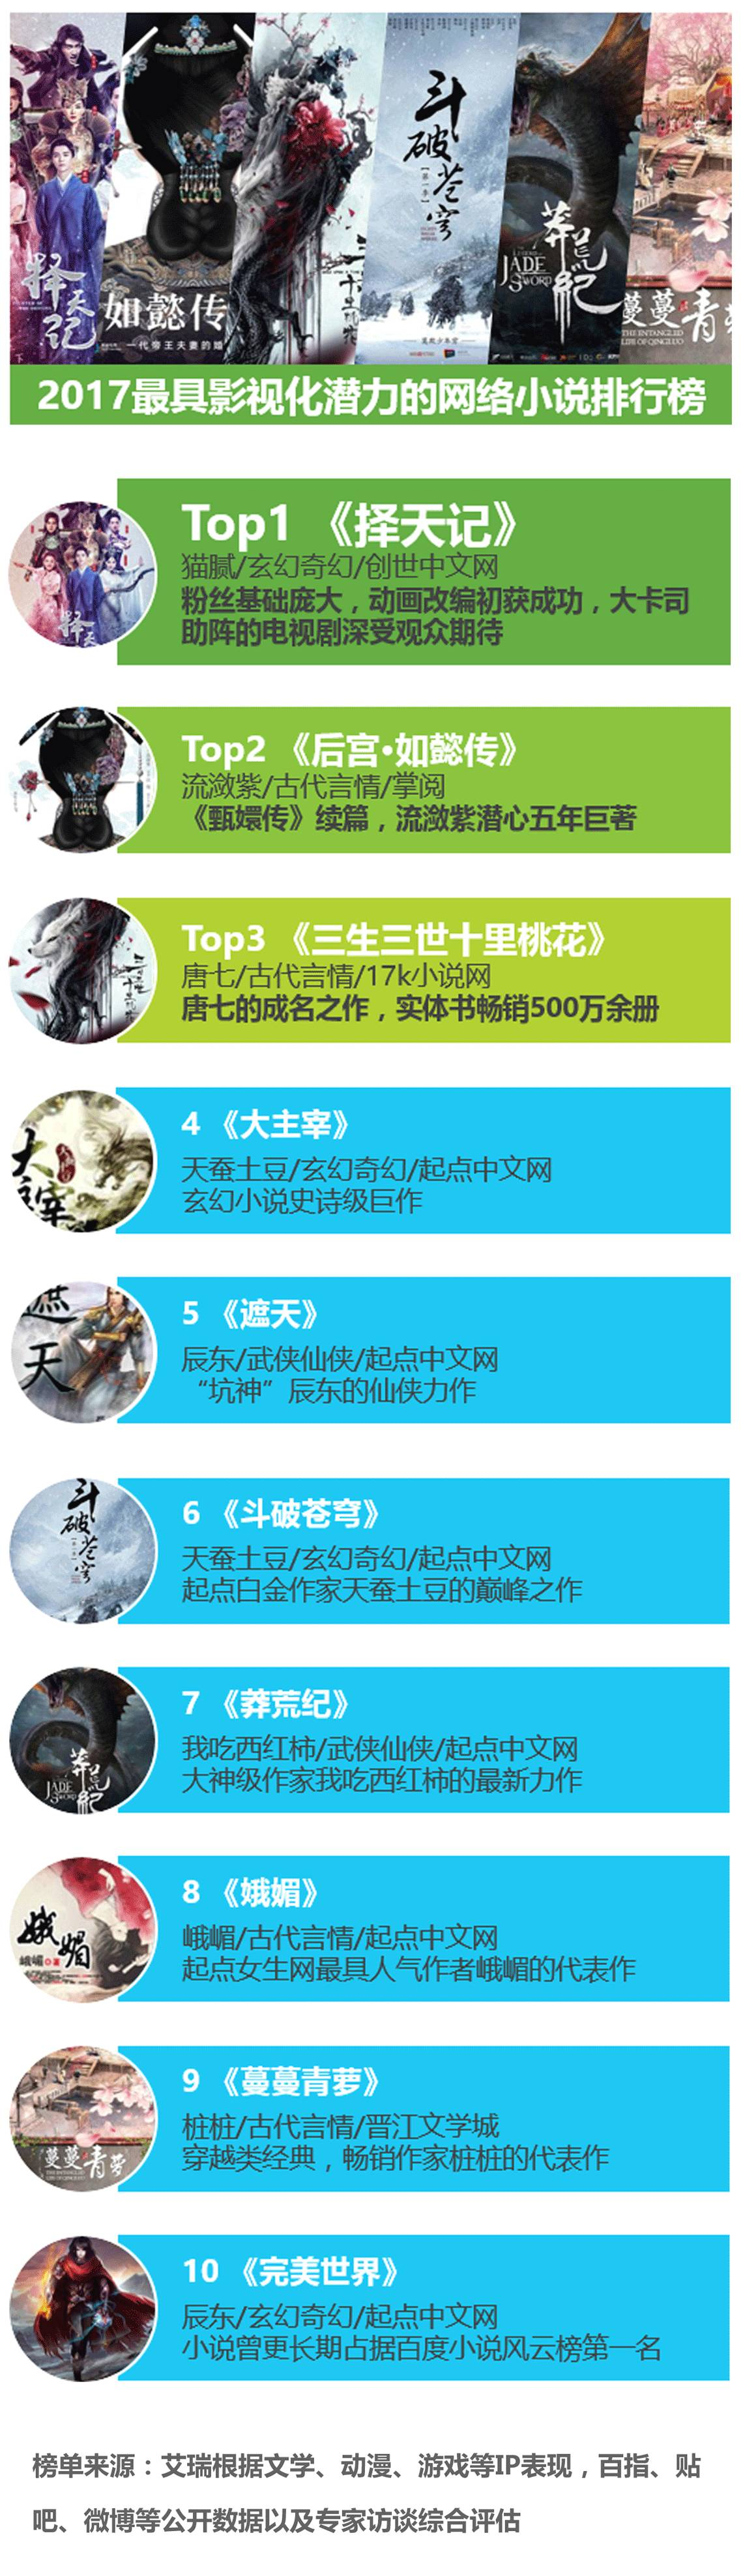 清朝小说排行榜_2018年中国网络小说排行榜揭晓阿里文学三部作品入选